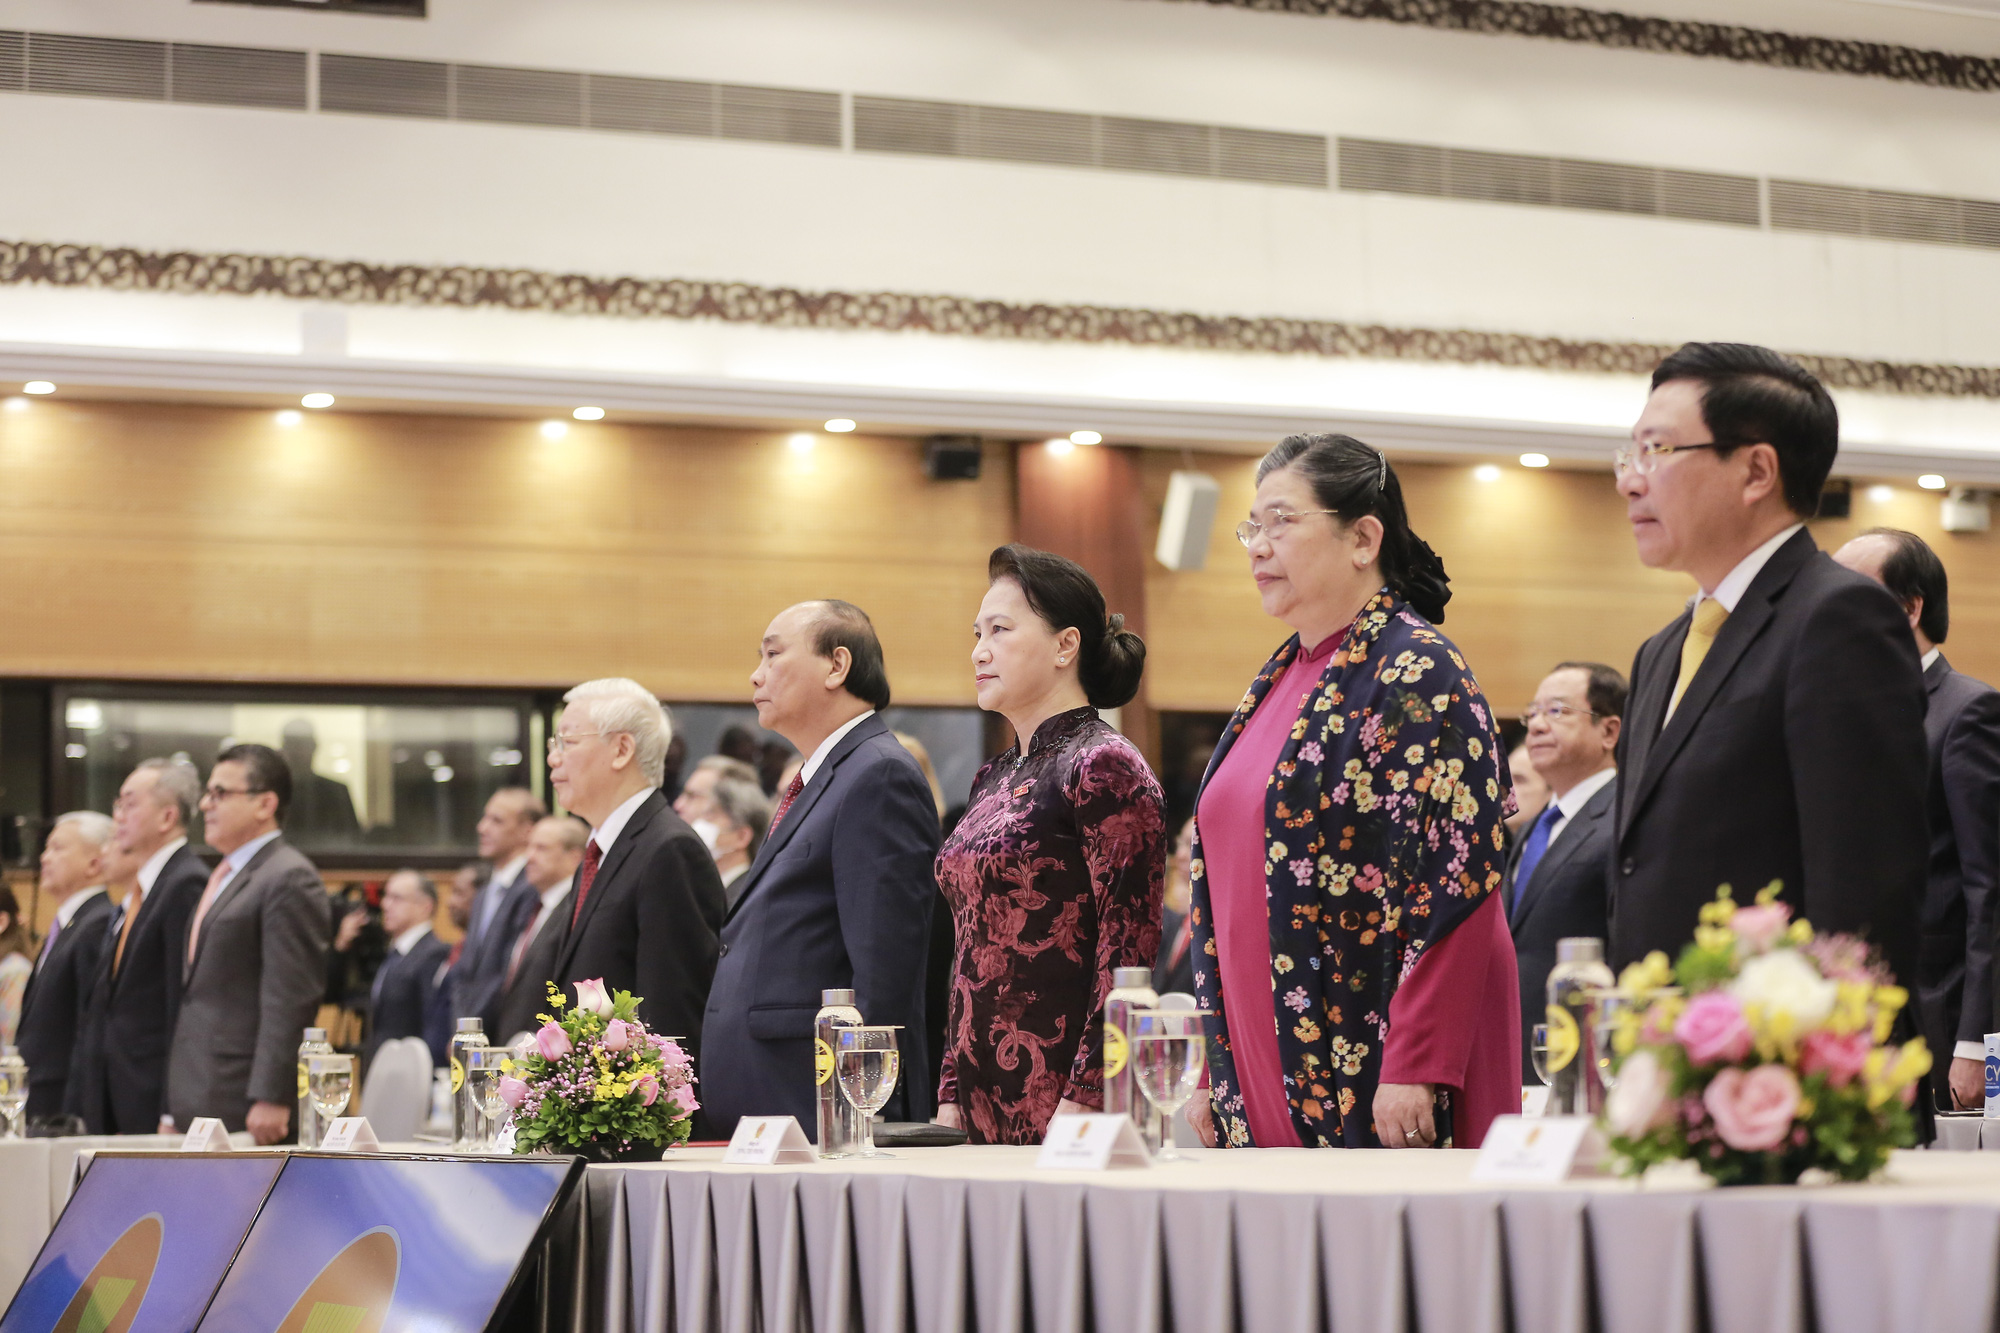 Thủ tướng: ASEAN cần bổ sung sức mạnh của chuyển đổi số, nguồn nhân lực và đa dạng hóa thị trường - Ảnh 2.